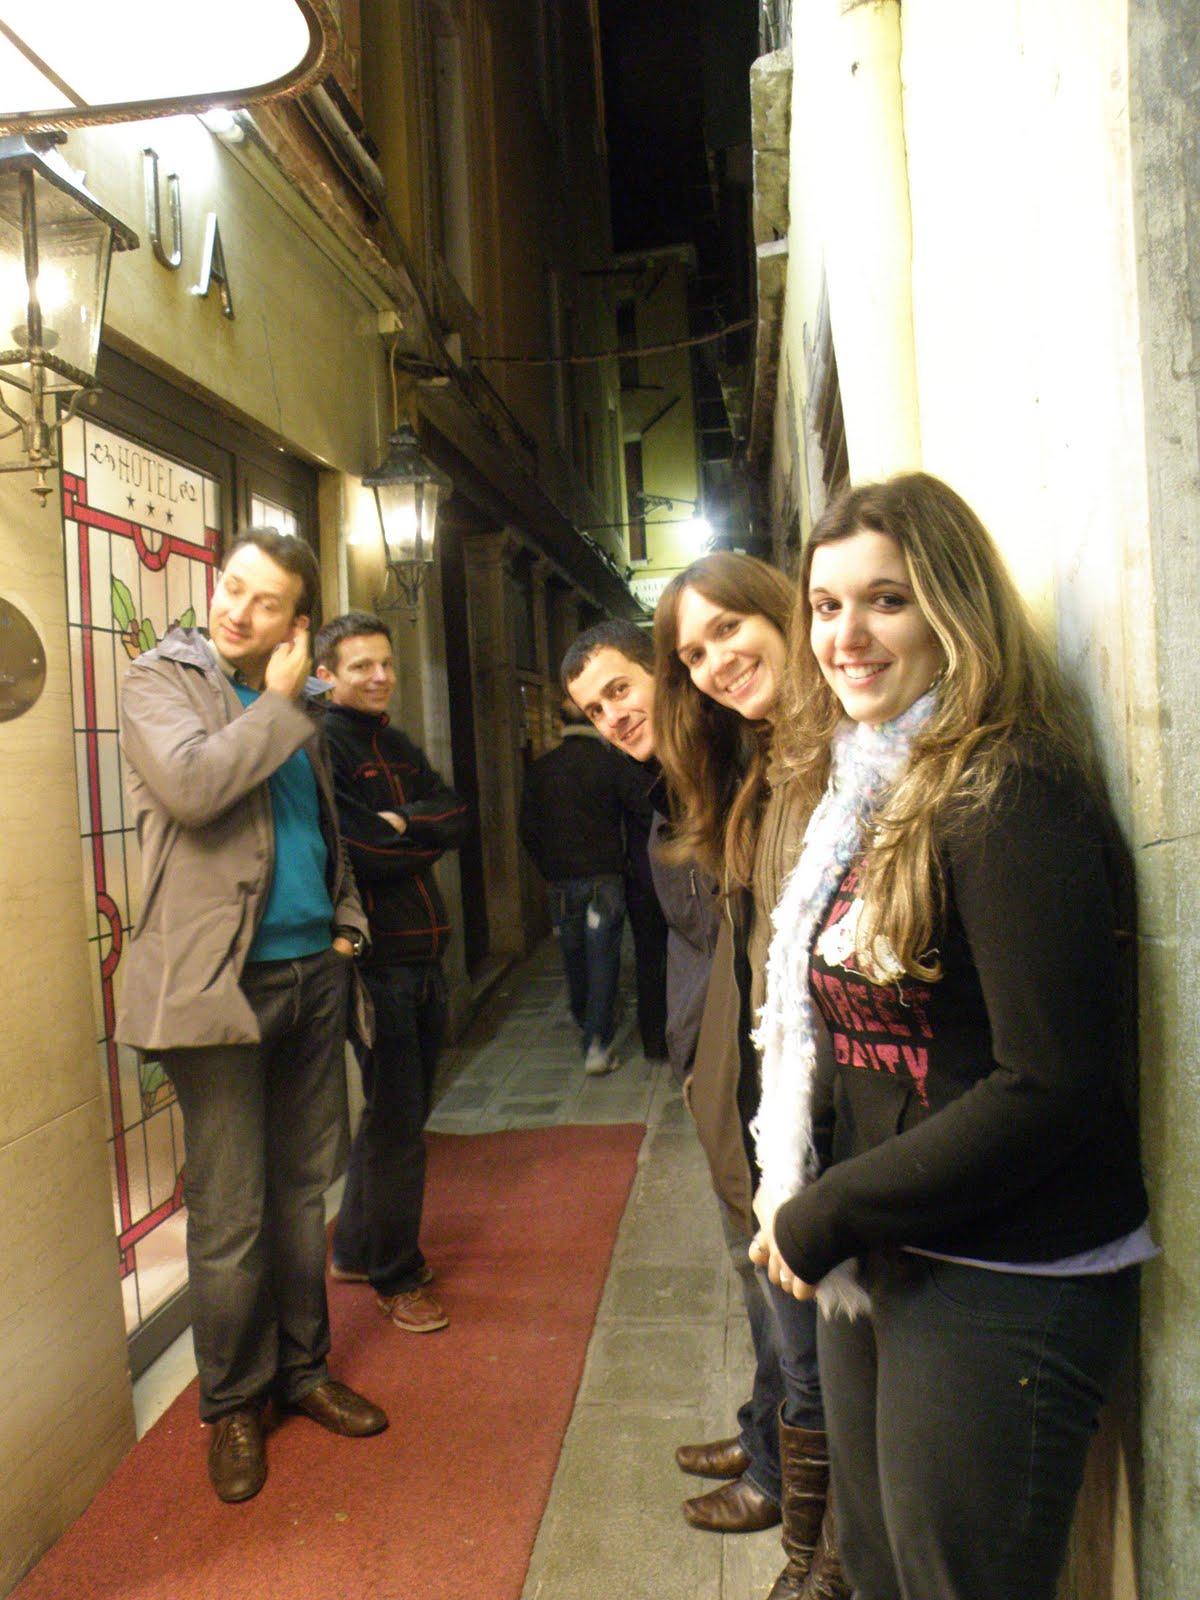 http://3.bp.blogspot.com/_VoBdvAQdbpg/SwNQOhX_fII/AAAAAAAAAyc/ld-V9jd6Cws/s1600/Venice+Oct+15s-17.JPG